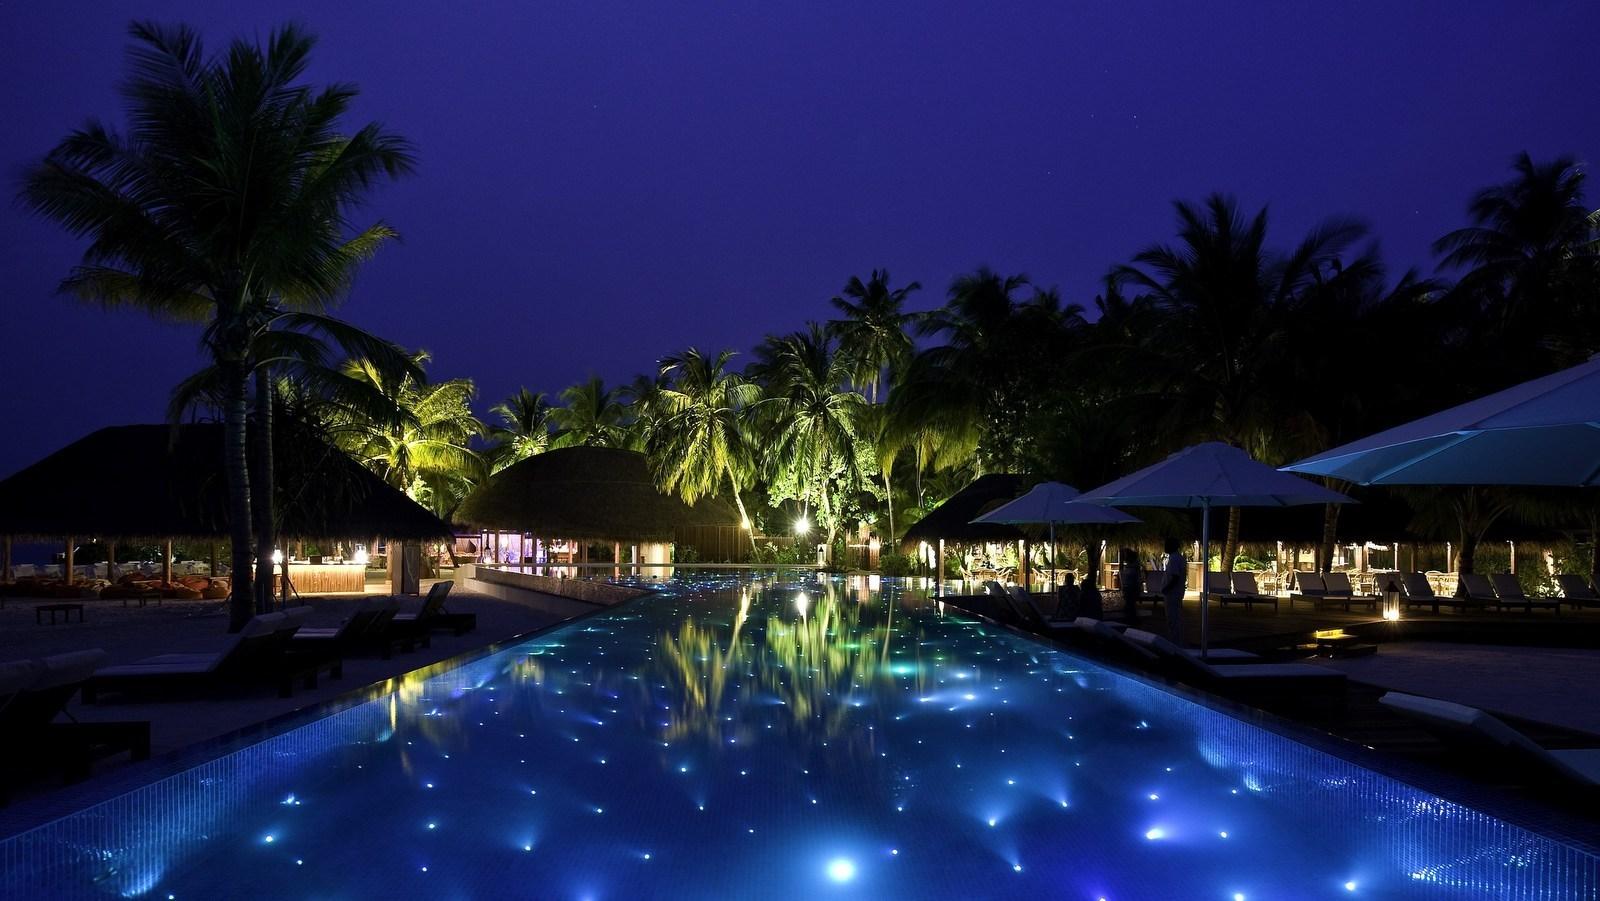 Мальдивы, отель Kuramathi Maldives, детский клуб, бассейн